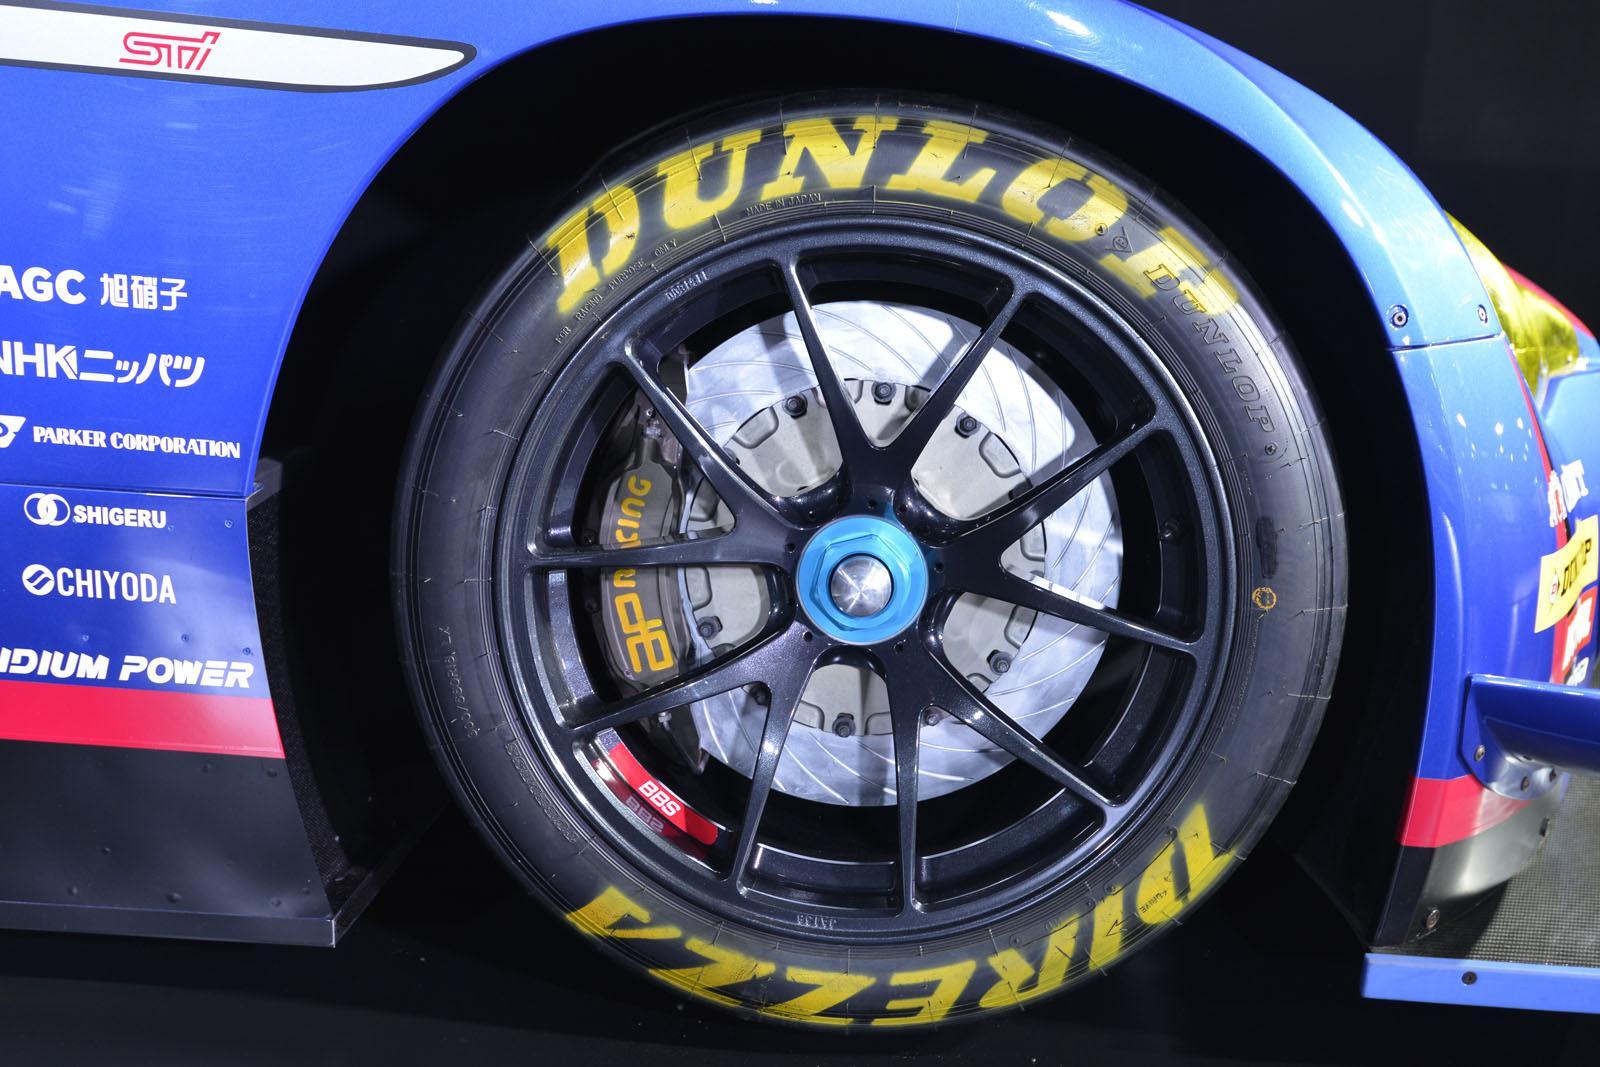 2015 Subaru Racers Revealed Wrx Sti For Nurburgring 24h